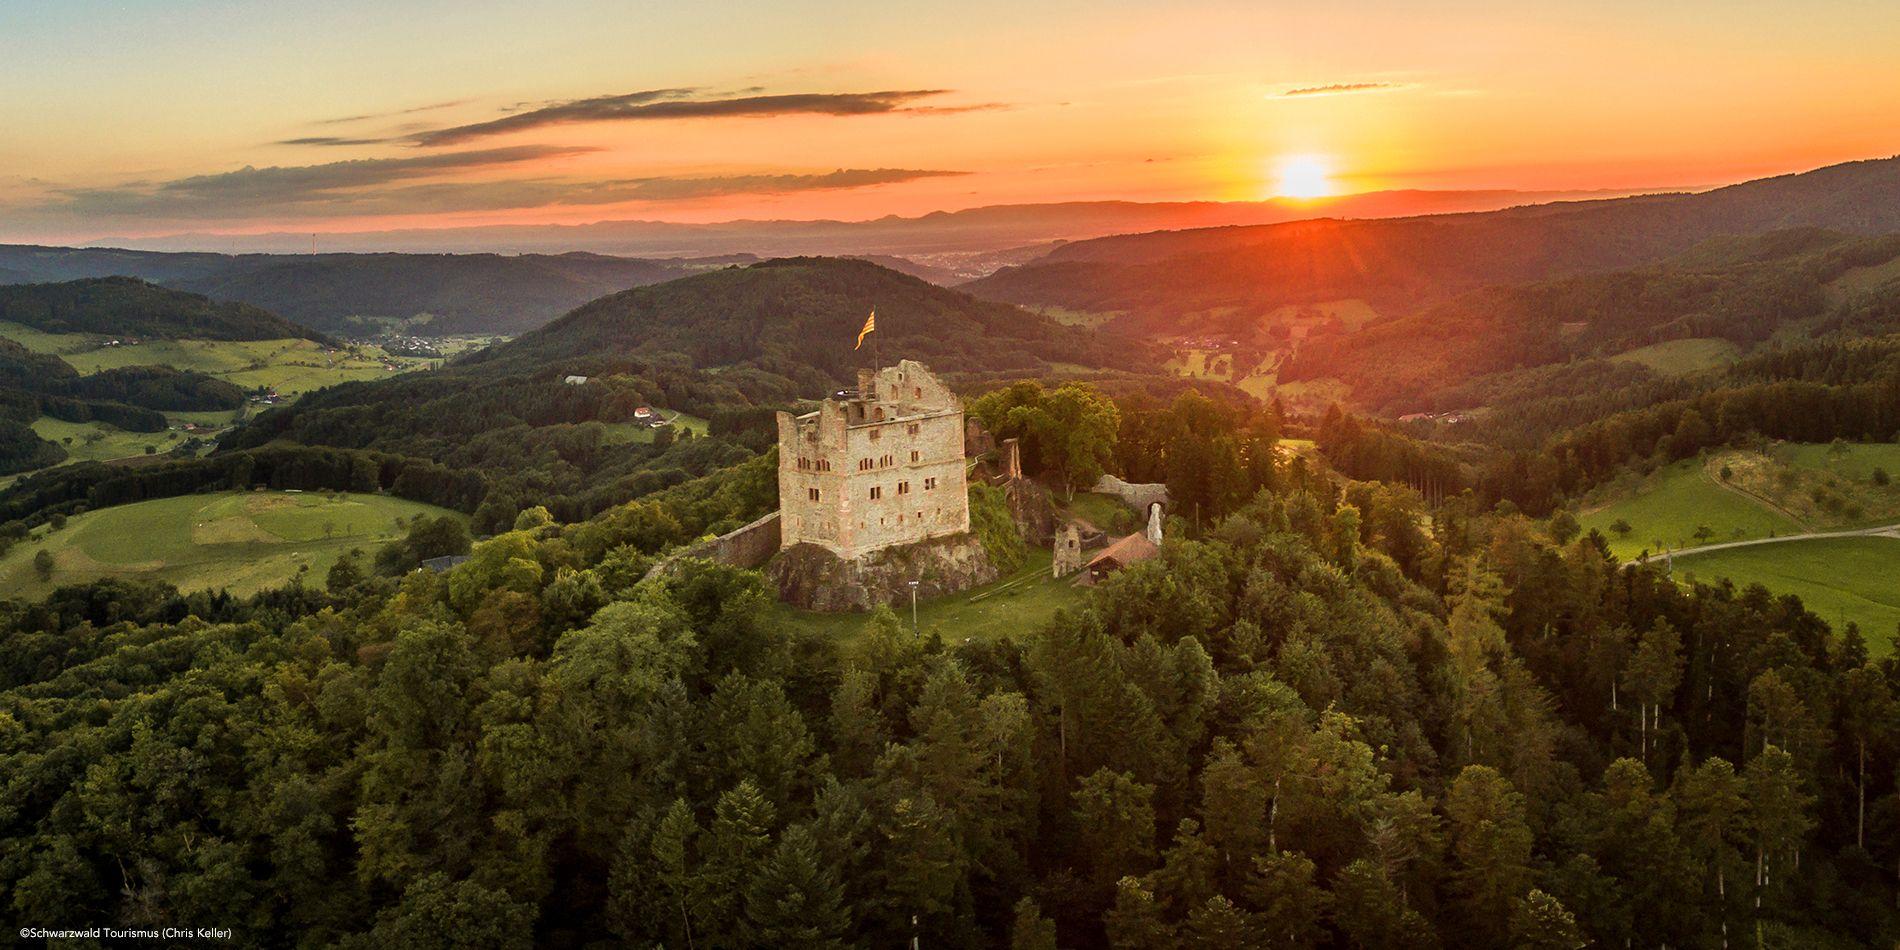 © Schwarzwald Tourismus / Chris Keller / Allemagne Tourisme